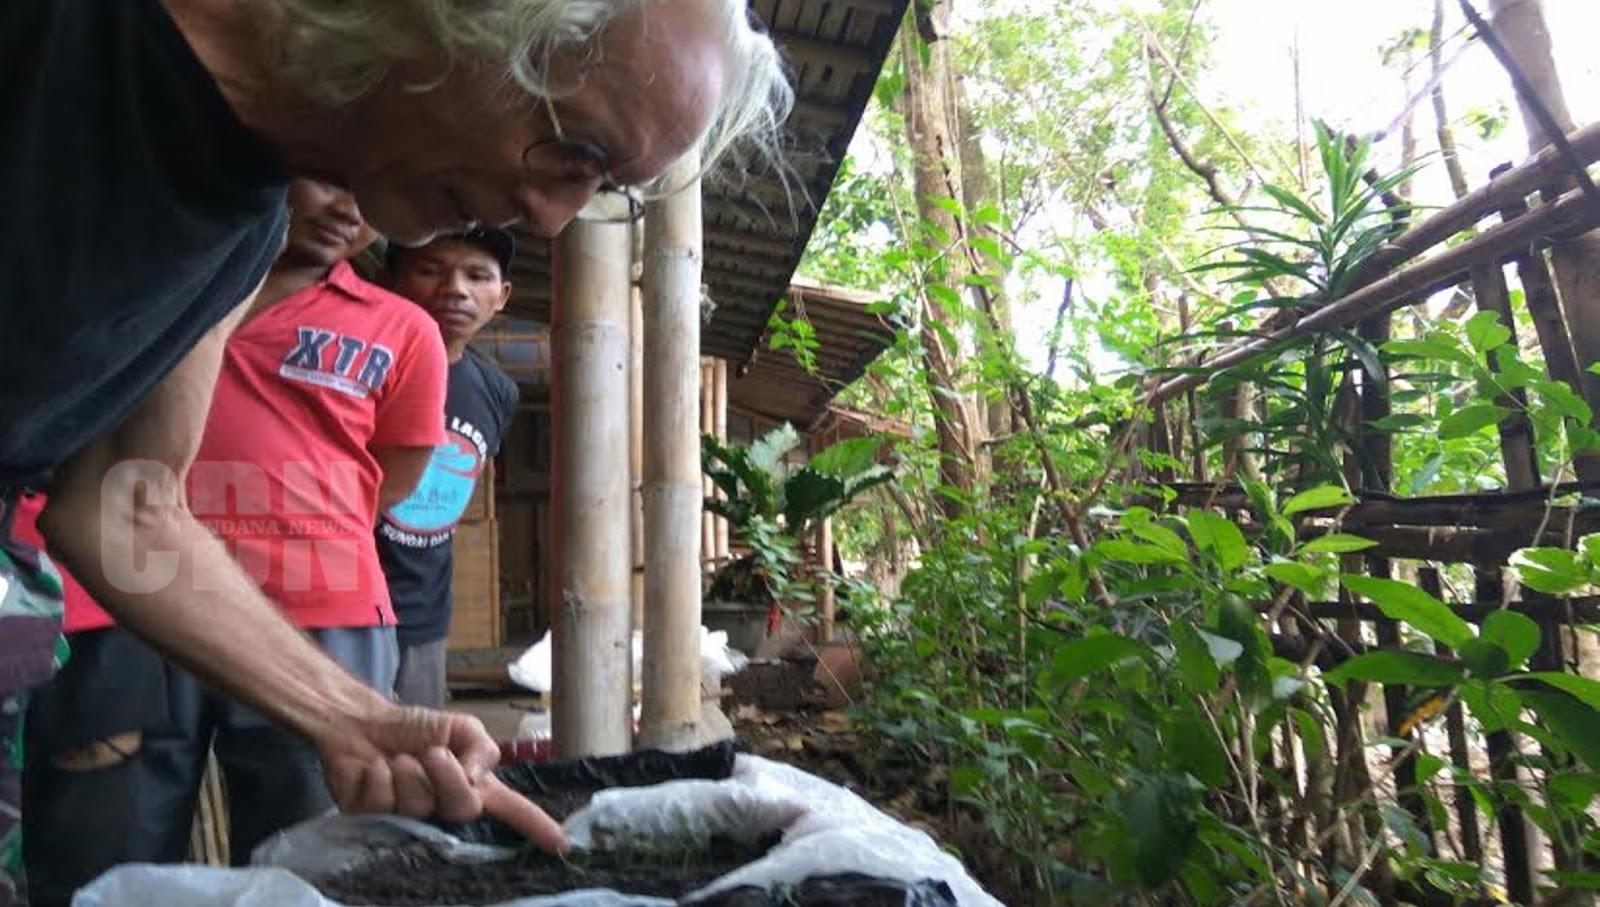 Philip membudidayakan bibit tanaman indigo melalui cara bertanam di dalam pot (sumber : cendananews.com)